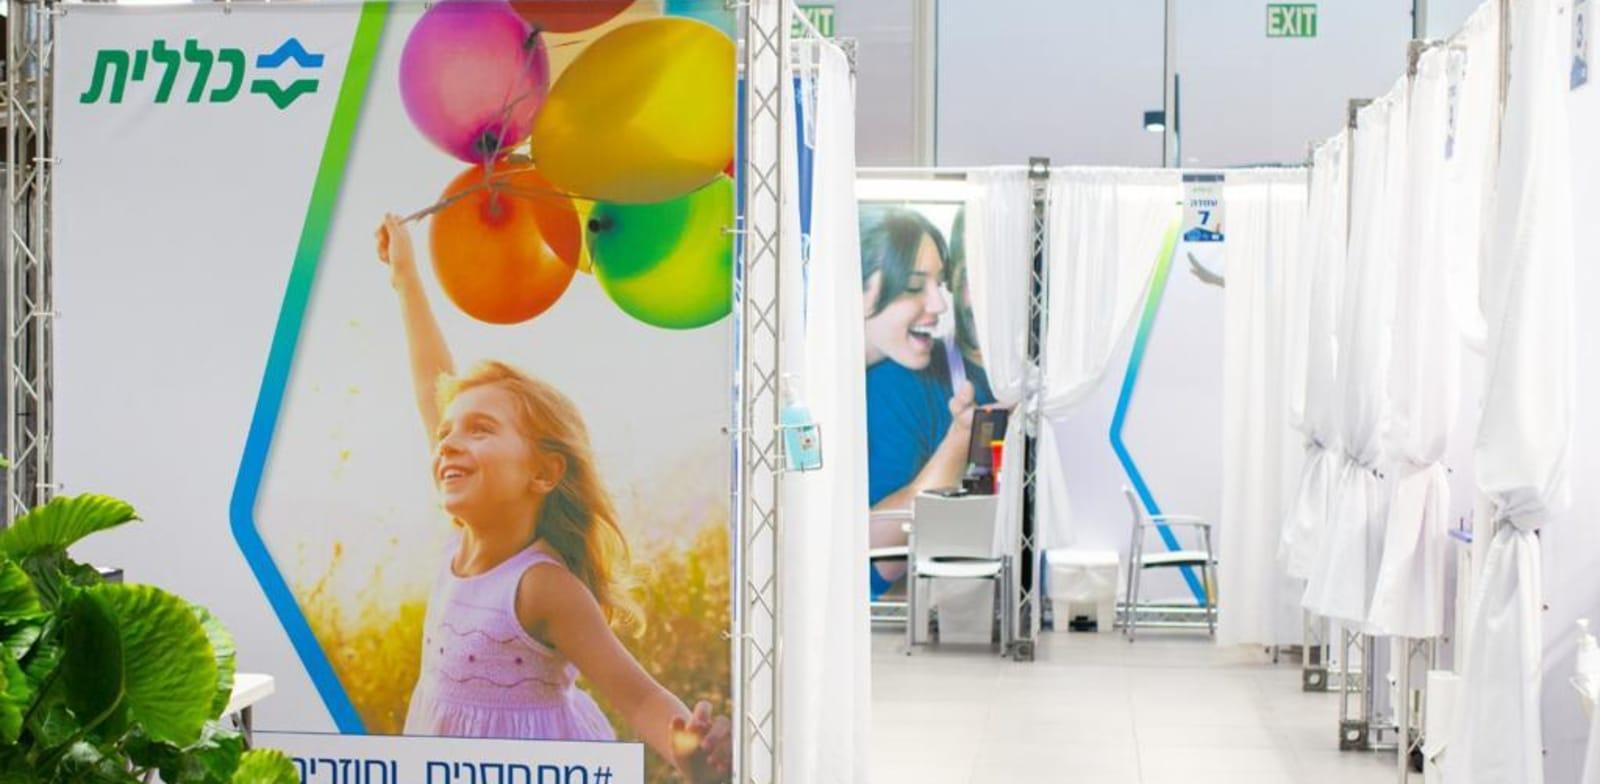 מתחם החיסונים של קופת חולים כללית בהיכל שלמה בתל אביב / צילום: אבי כהן